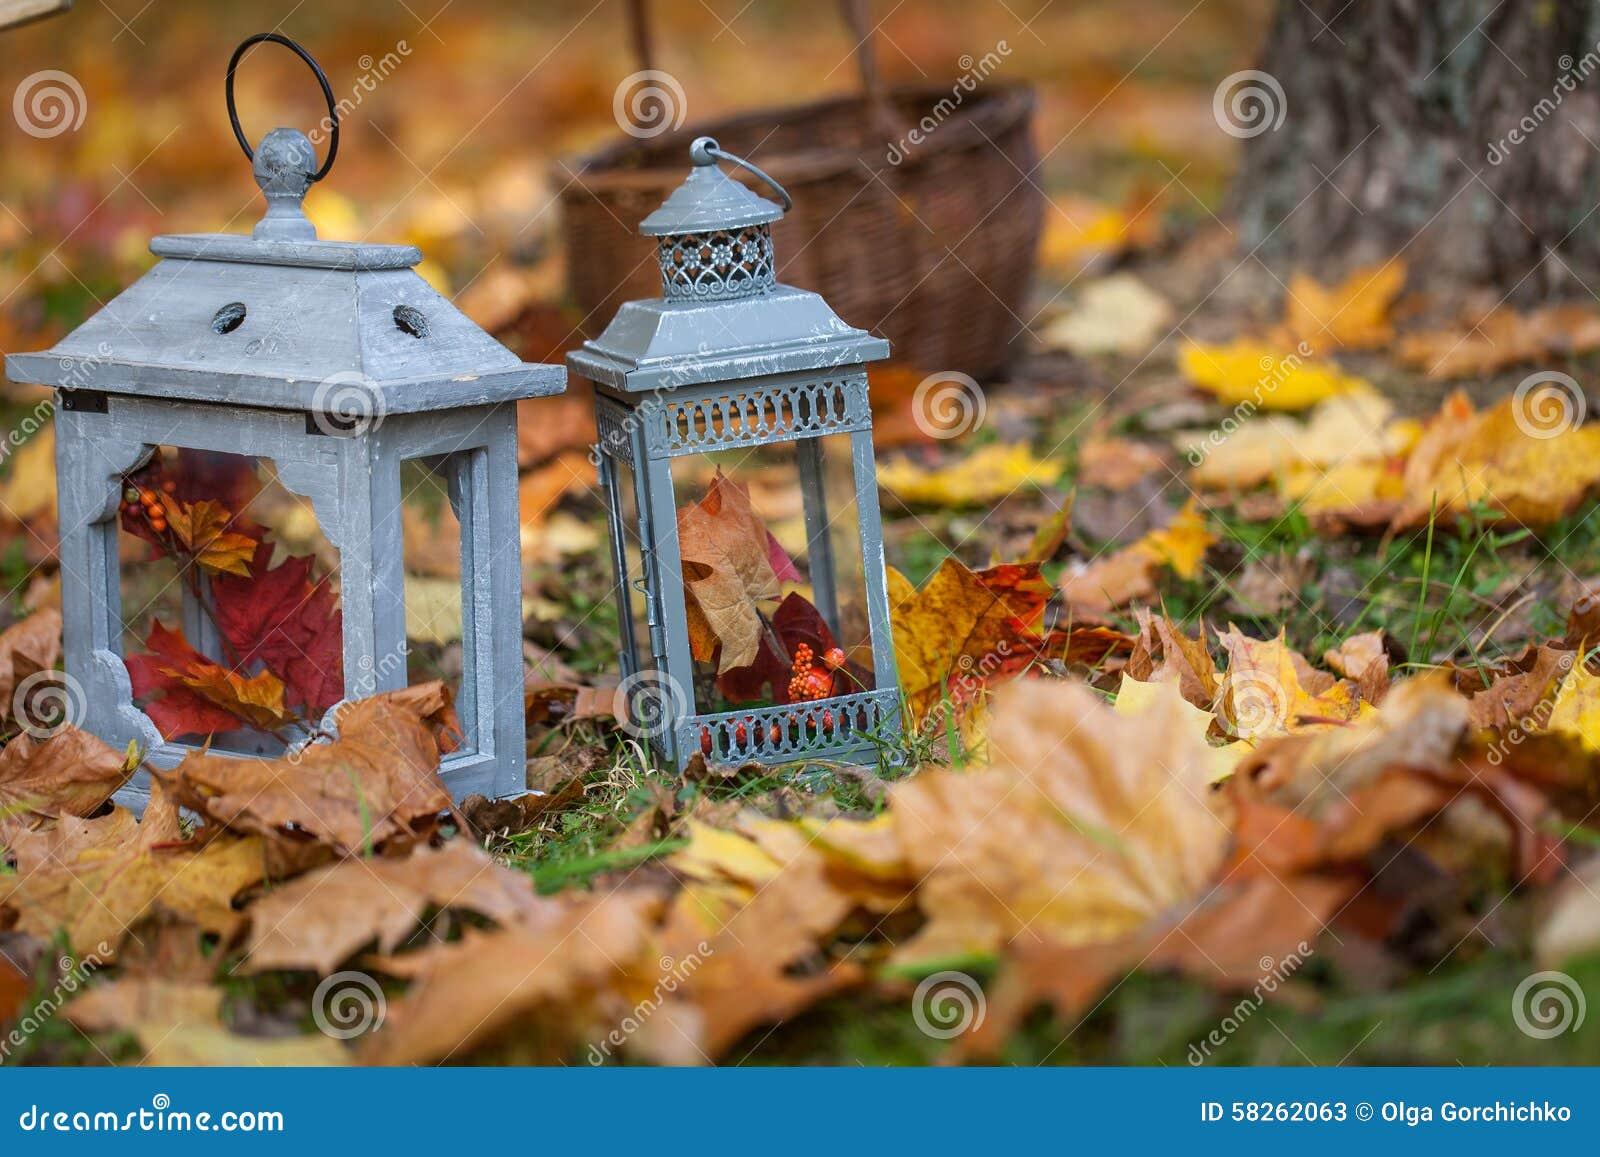 Decorazioni Da Giardino In Metallo : Metallo coda di pavone caruso bassa da giardino